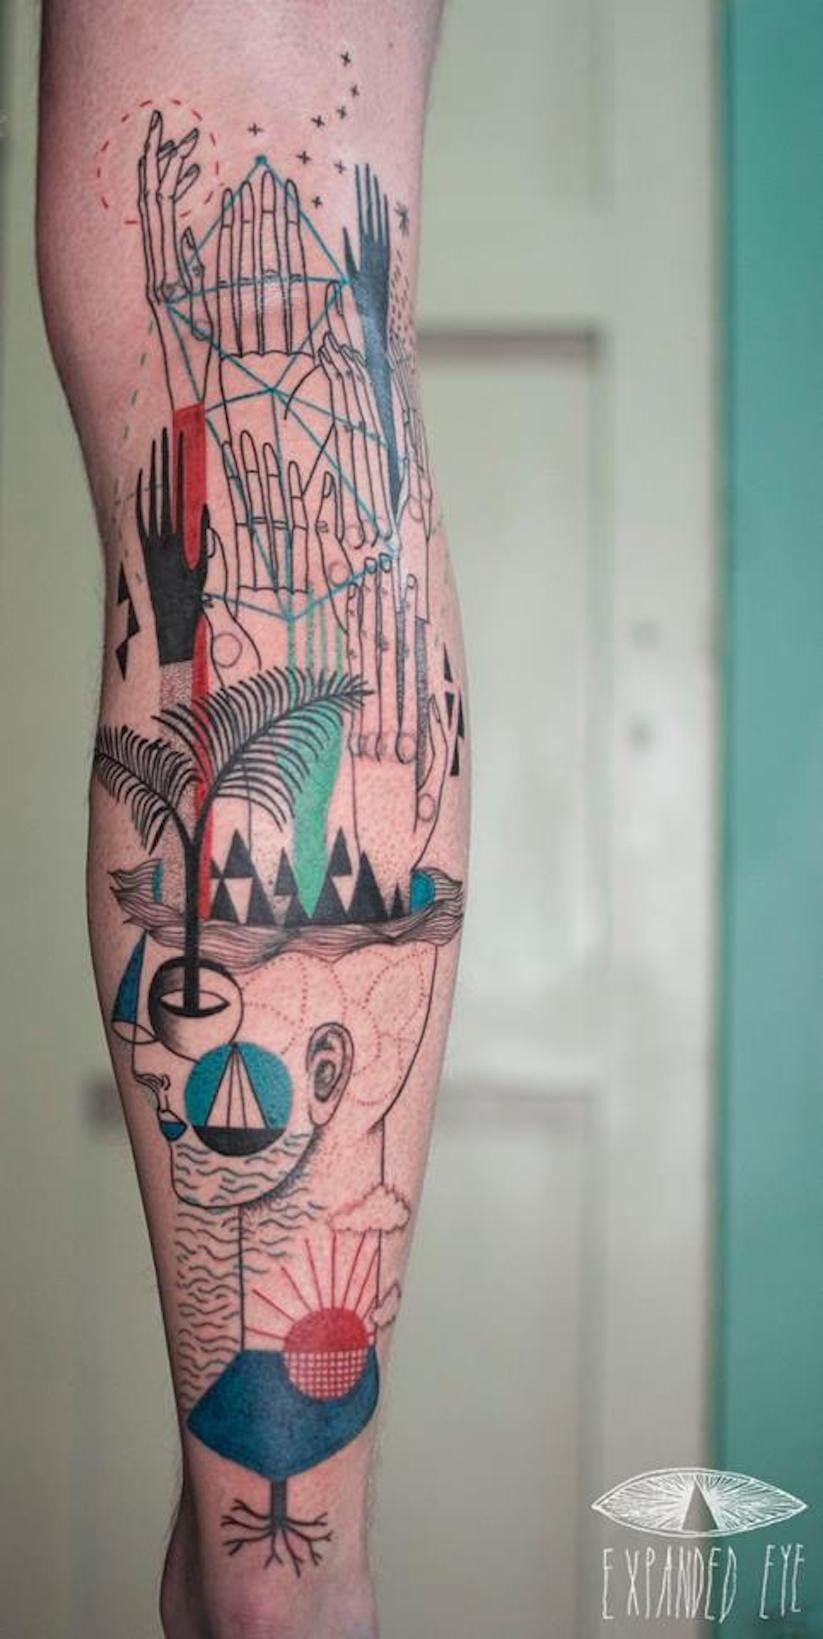 Unkonventionelle Tattoo-Designs von Künstler-Duo 'Expanded Eye' aus London